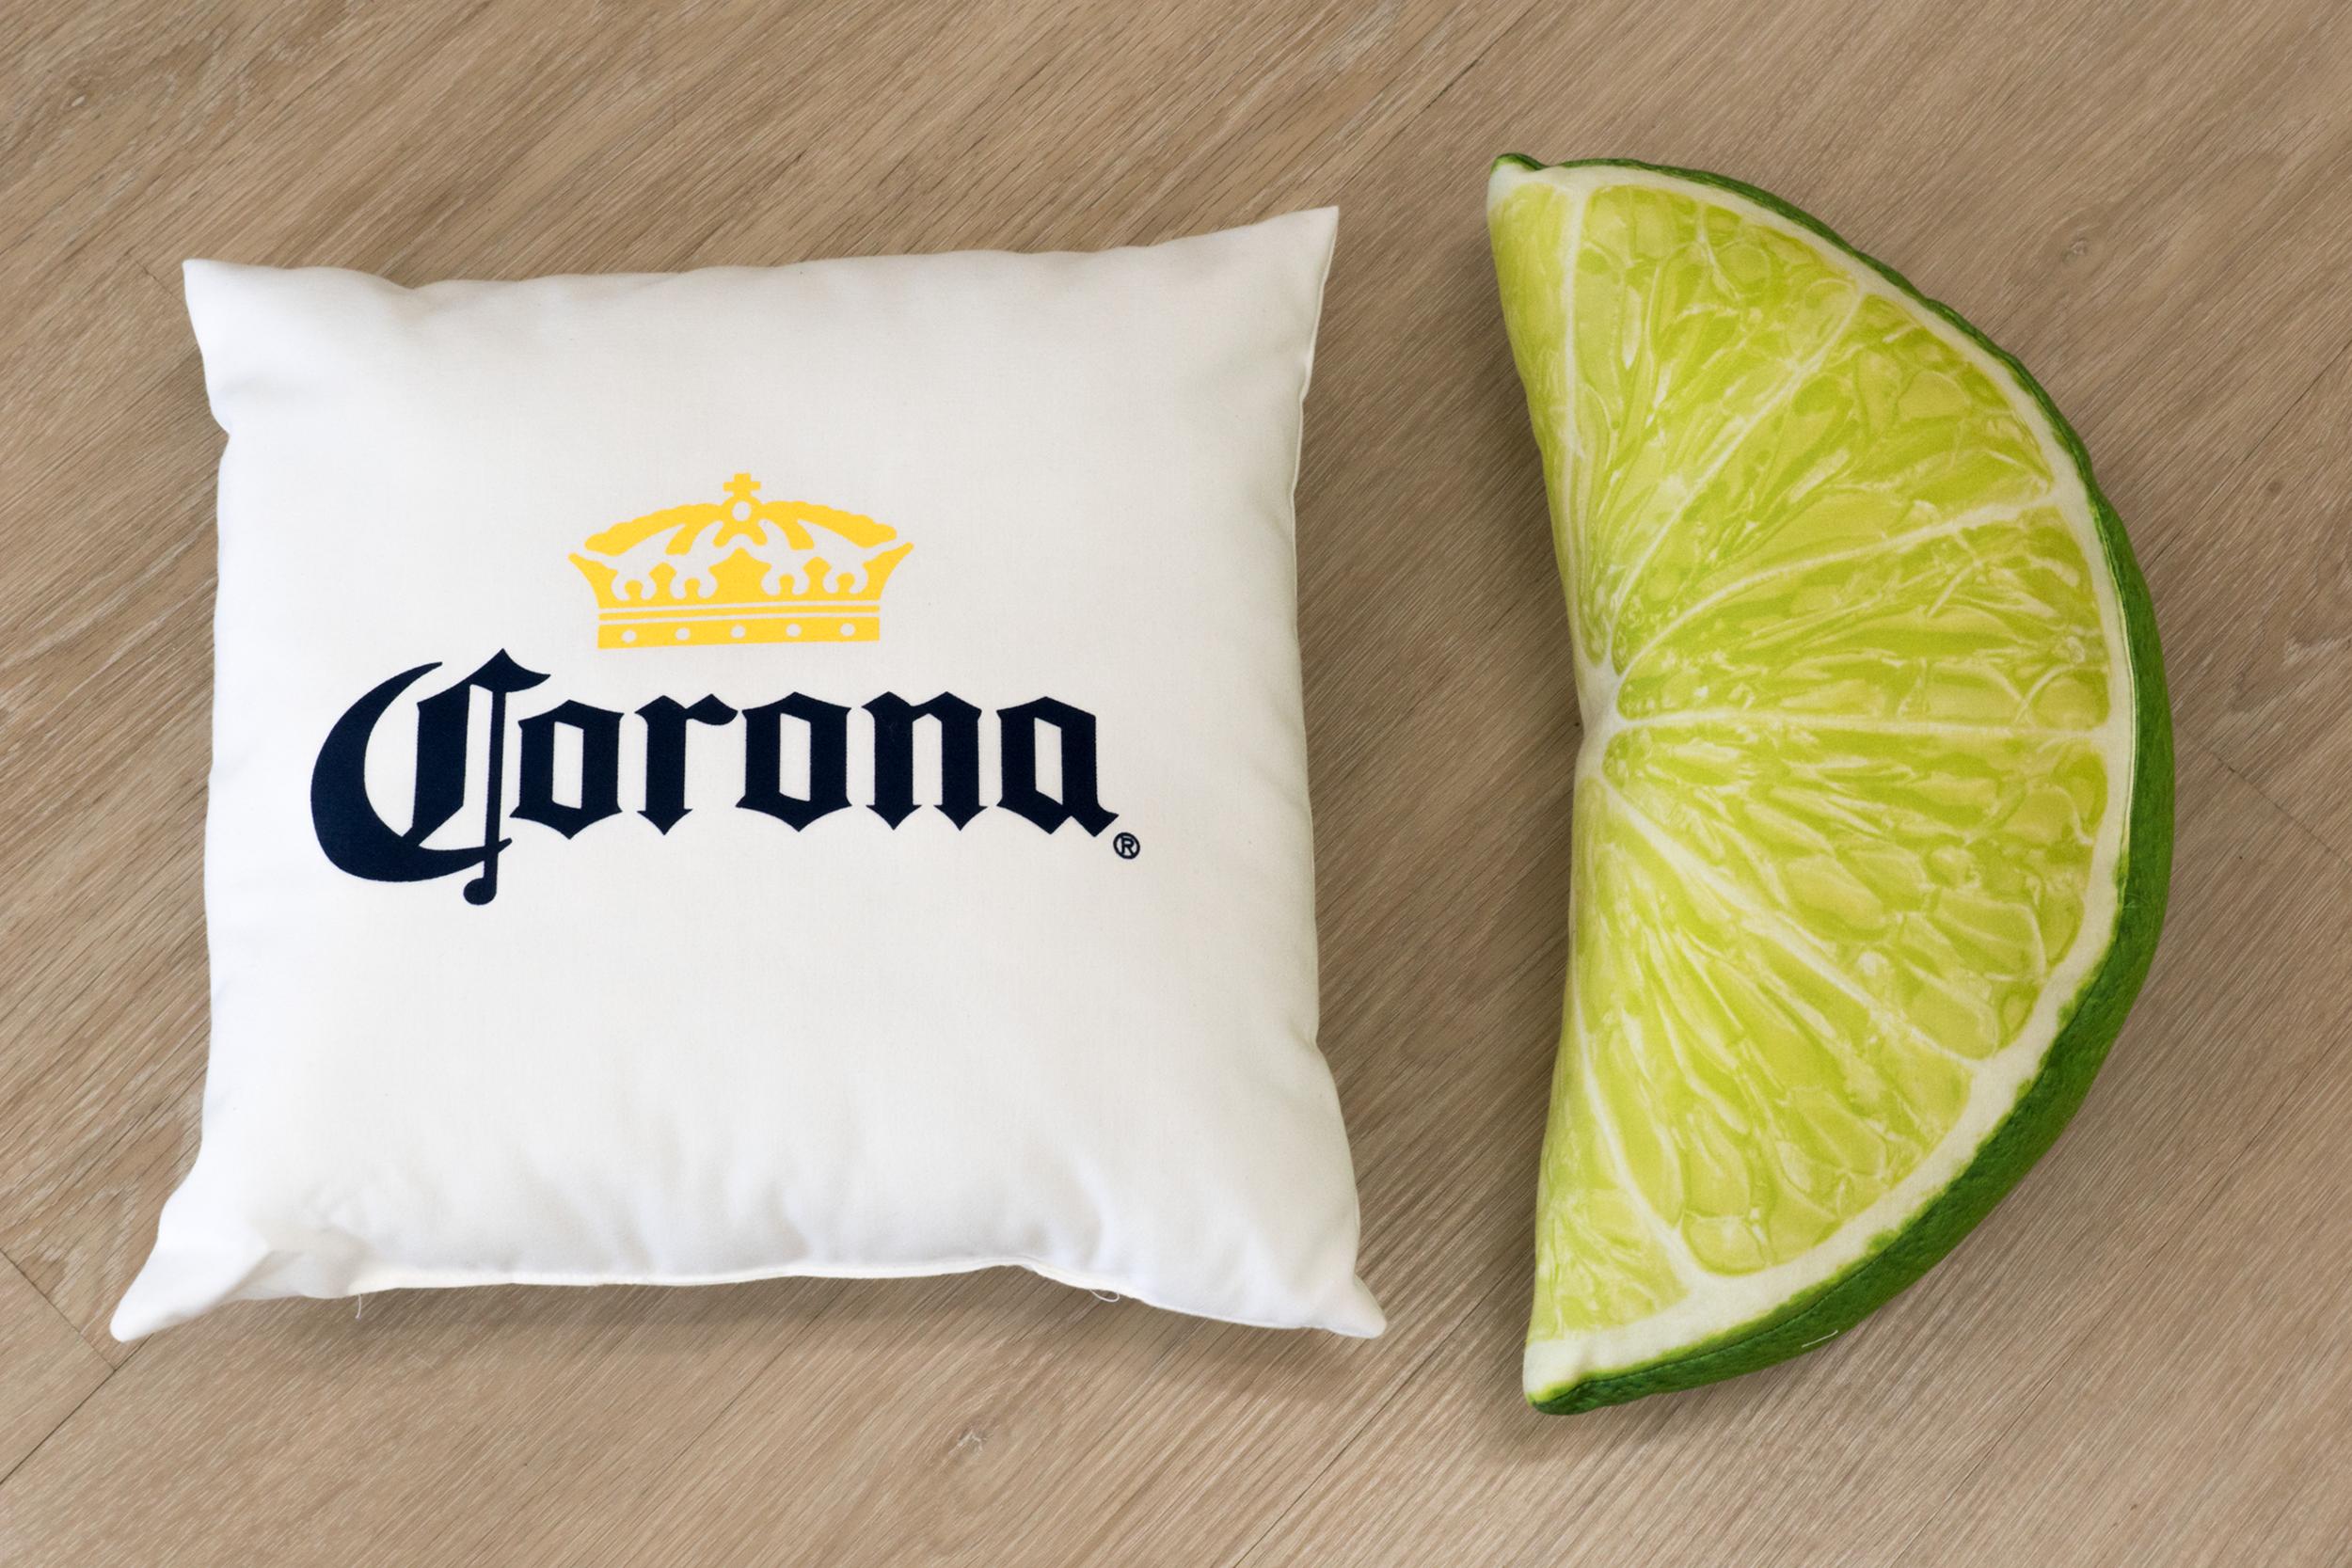 Corona Pillows